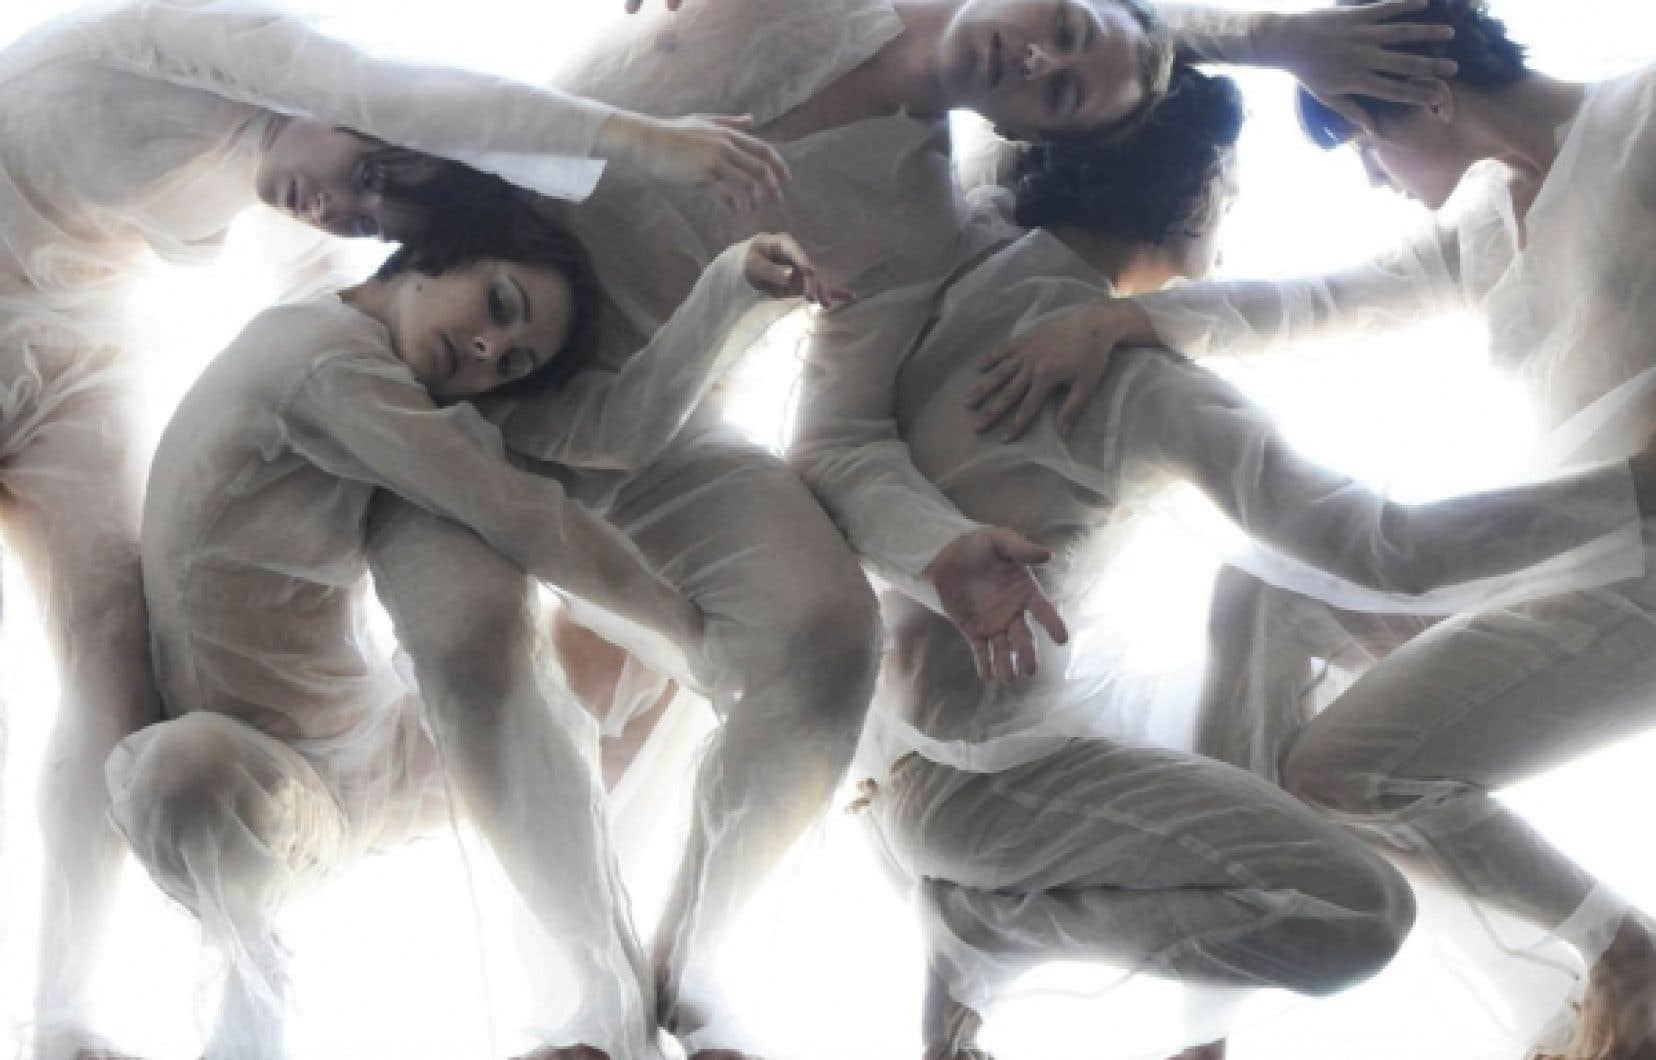 Jos&eacute; Navas, de son &eacute;criture fluide, g&eacute;om&eacute;trique et formelle, propose une relecture physique pour huit danseurs des Gymnop&eacute;dies et Gnossiennes d&rsquo;&Eacute;rik Satie avec S.<br />